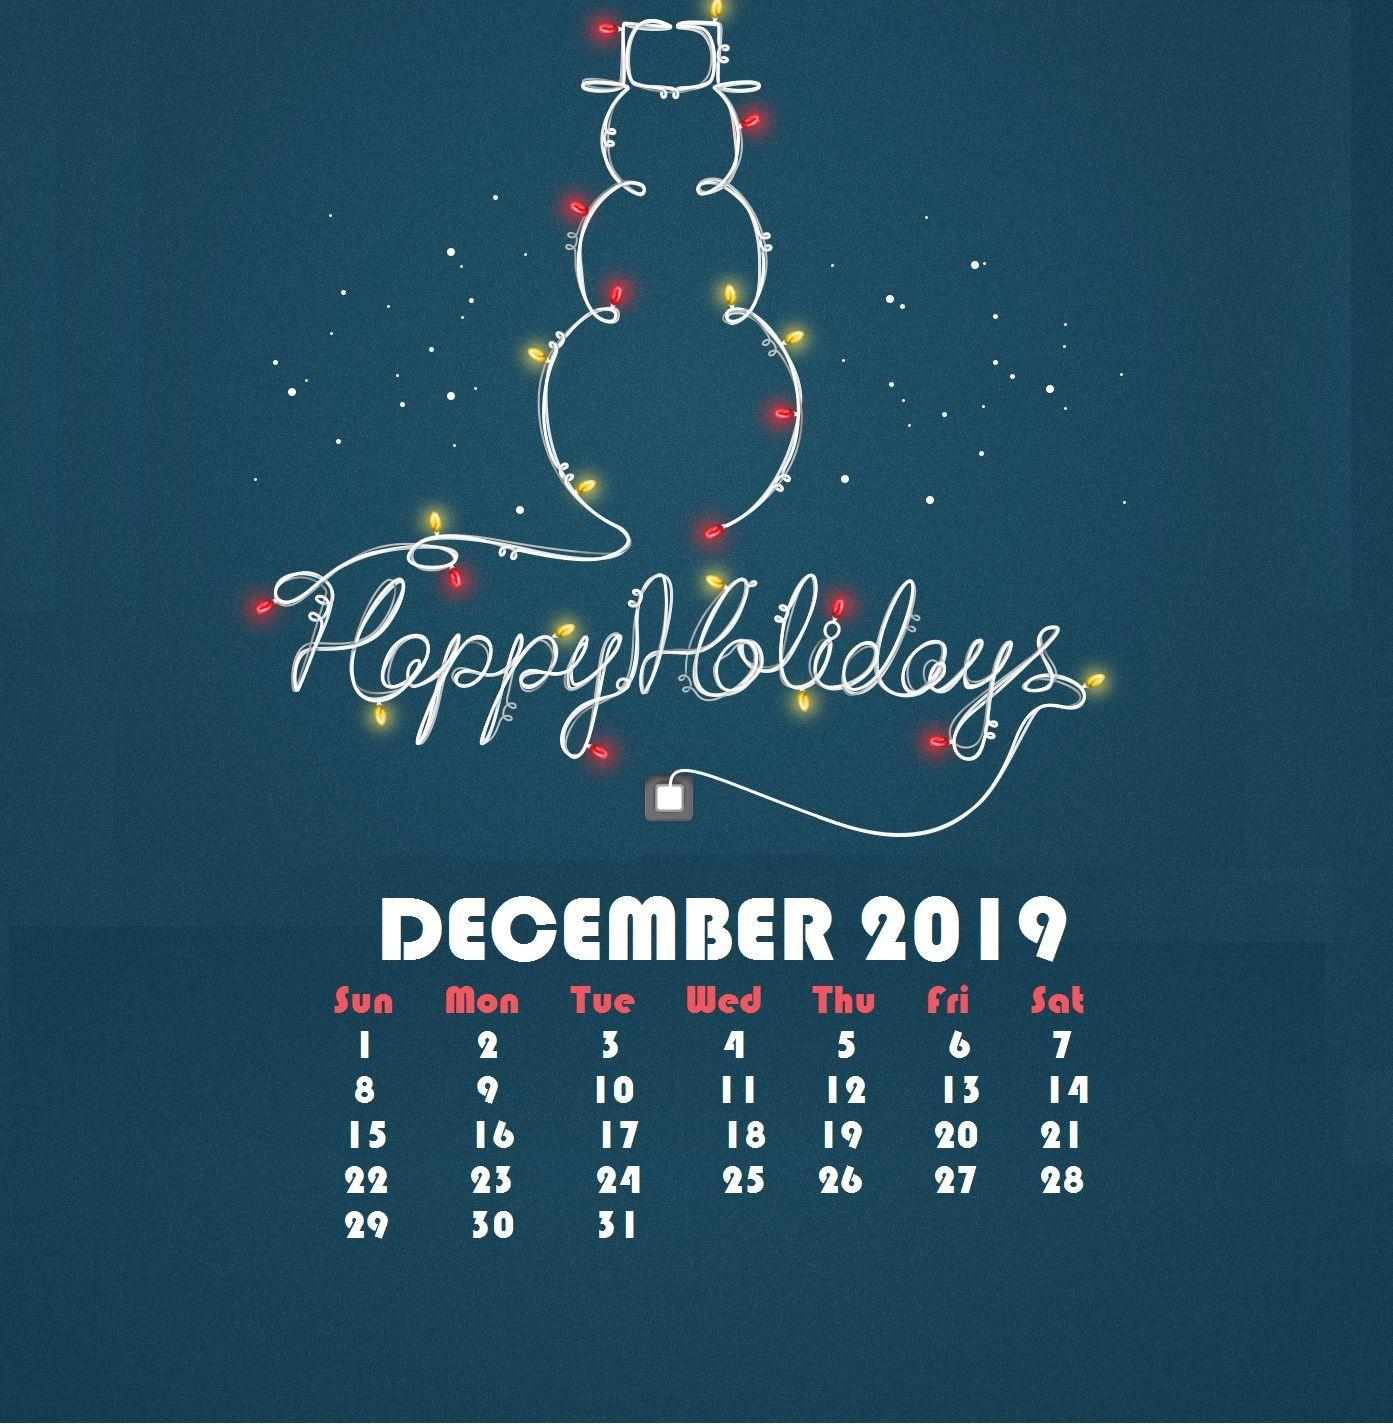 December 2019 iPhone Calendar Wallpapers Calendar